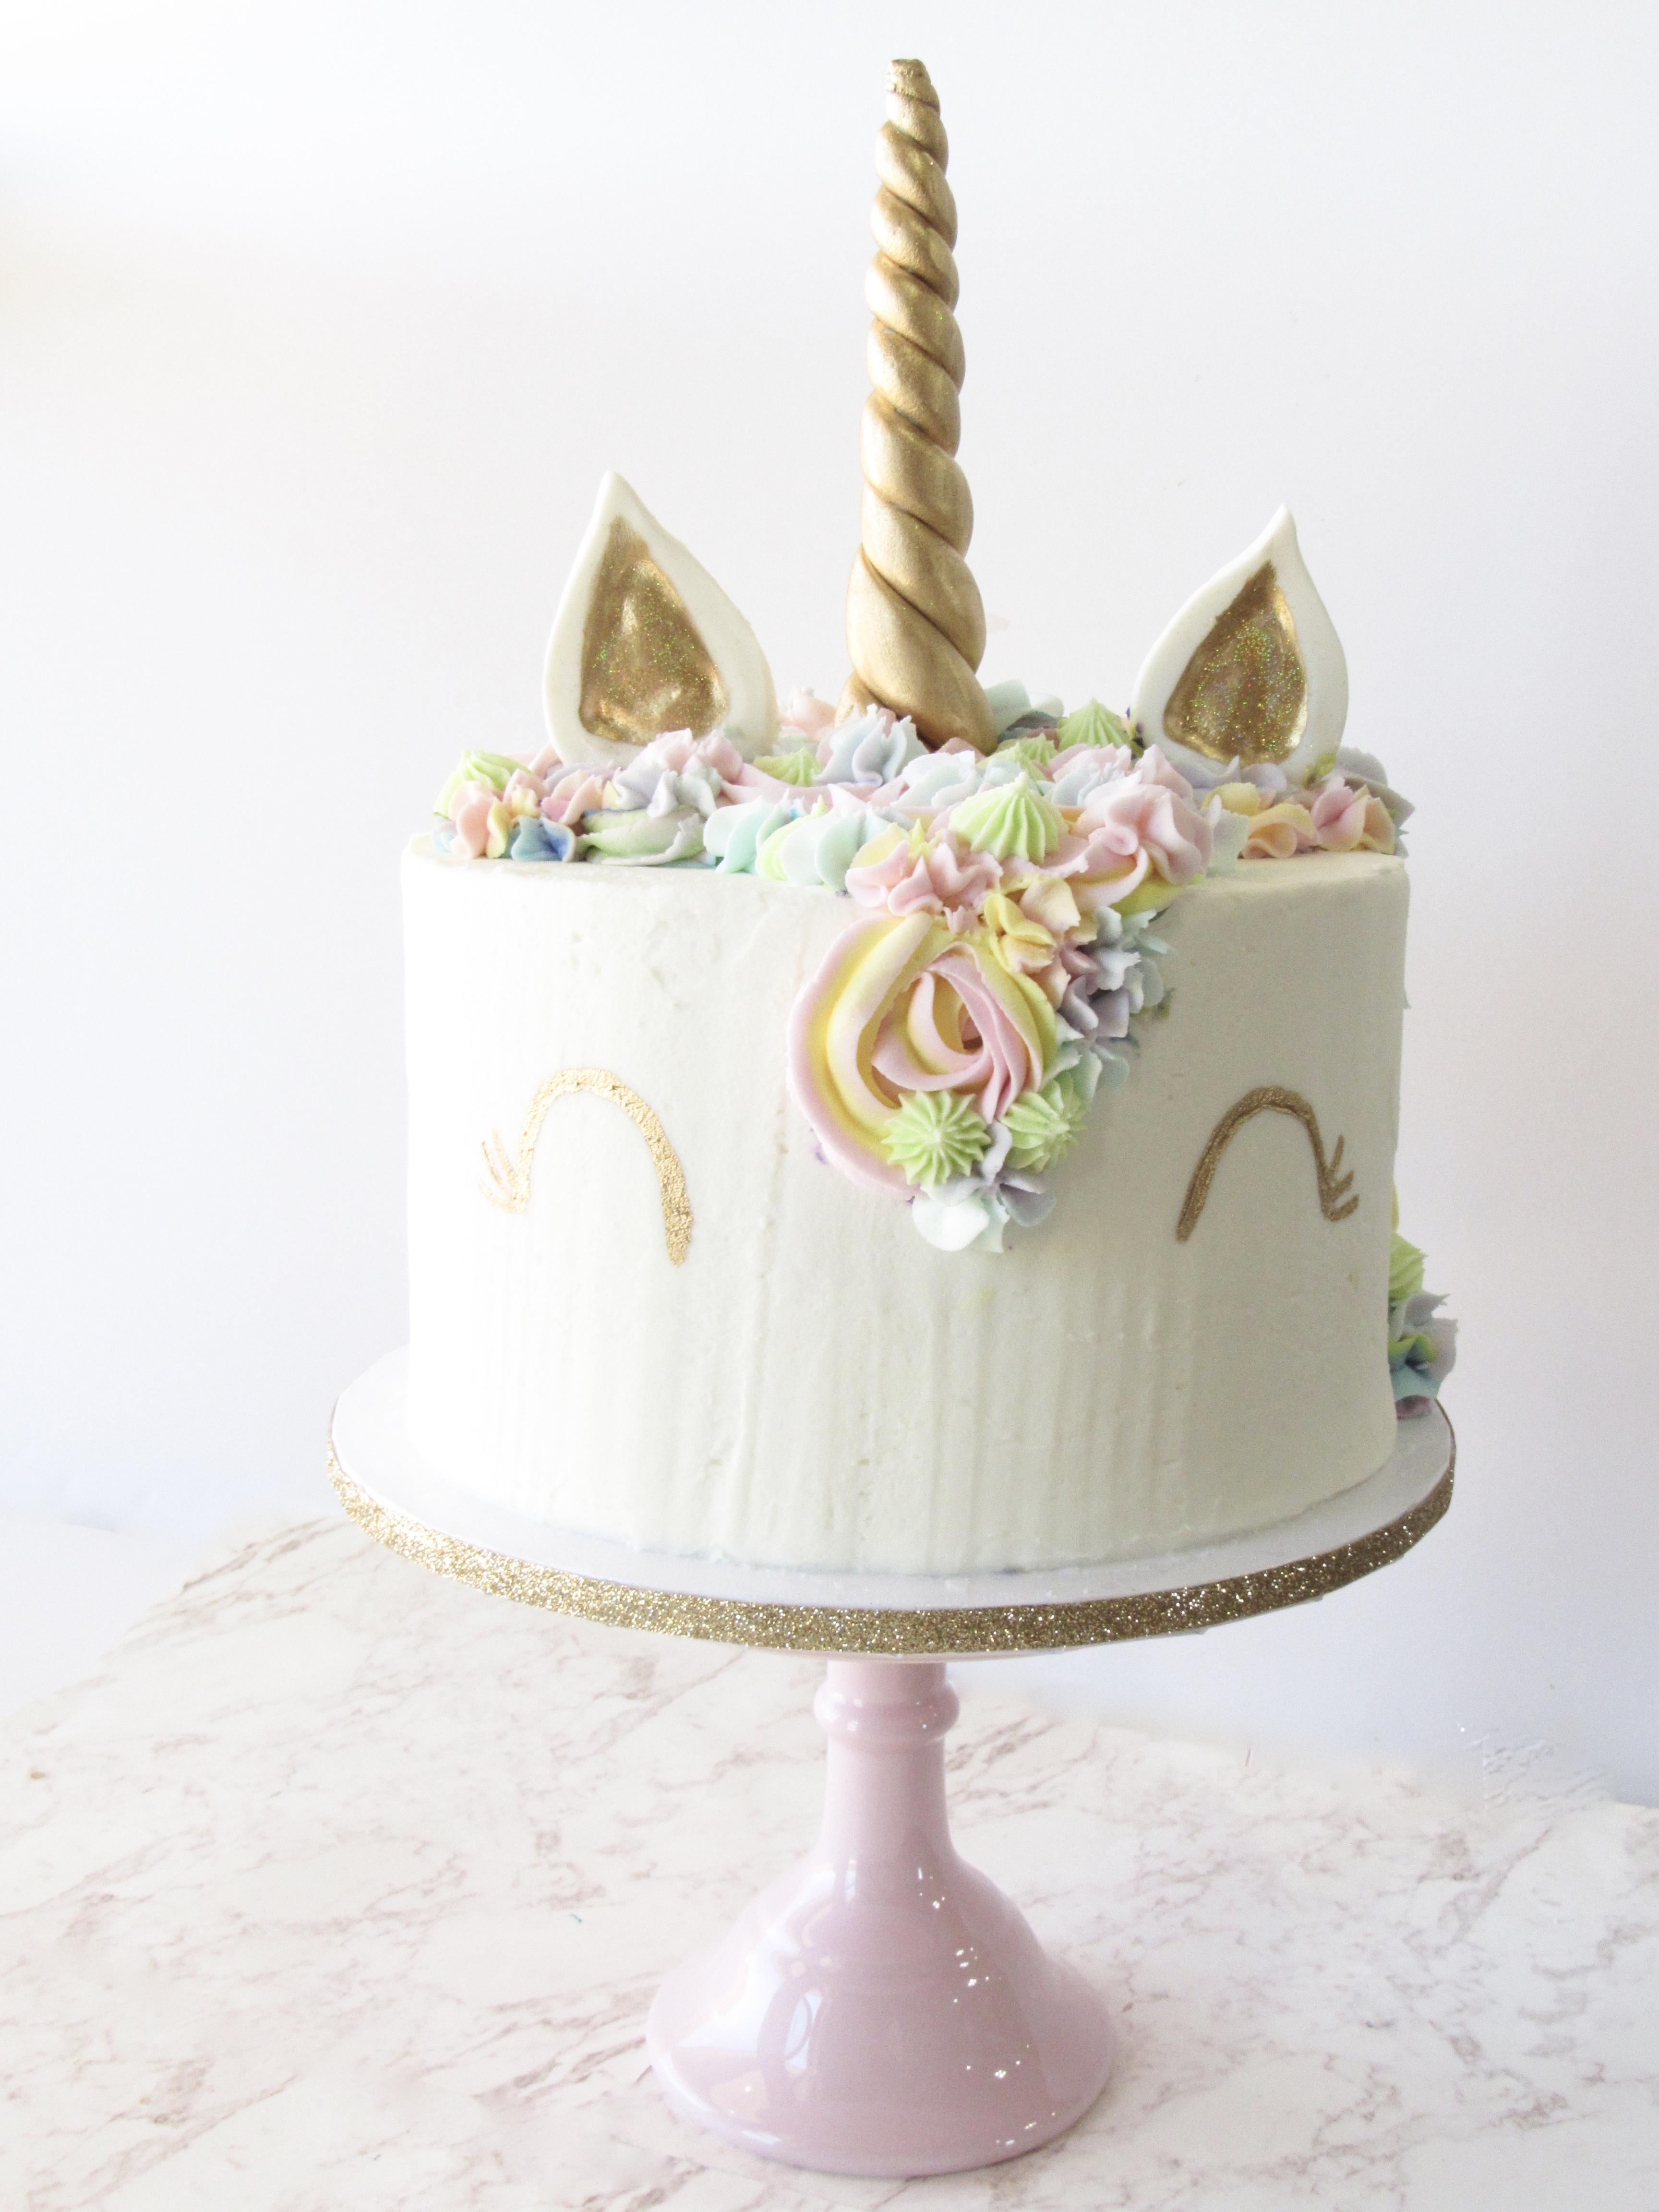 White and gold unicorn birthday and baby cake